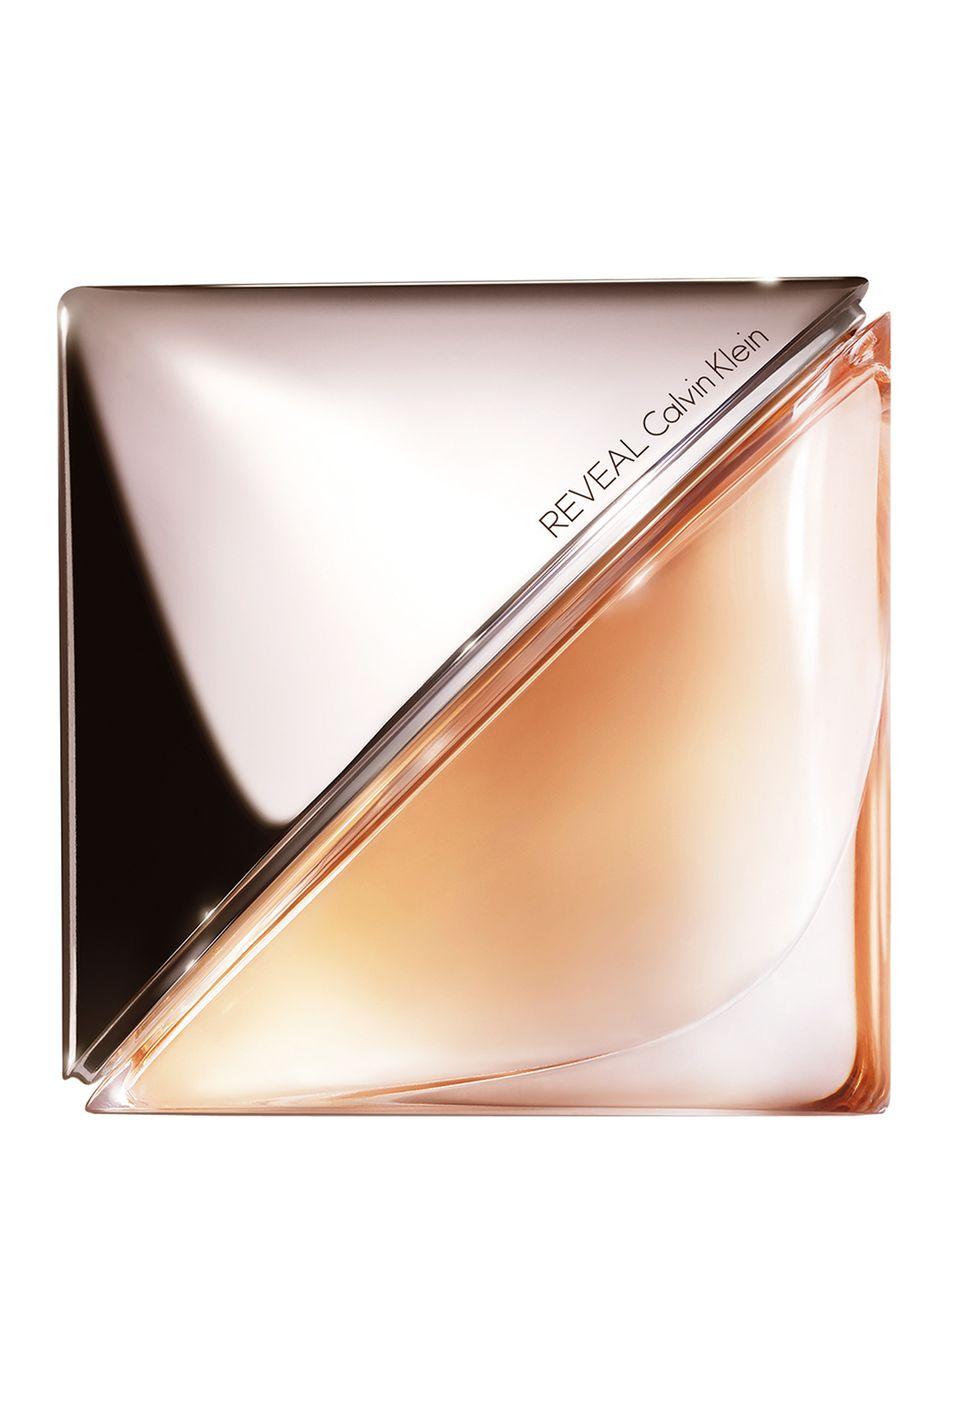 """Das erste Parfüm, das gemahlenes Salz enthält: """"Reveal"""" mit sonnig-orientalischen Noten. Von Calvin Klein, EdP, 30 ml, ca. 48 Euro"""